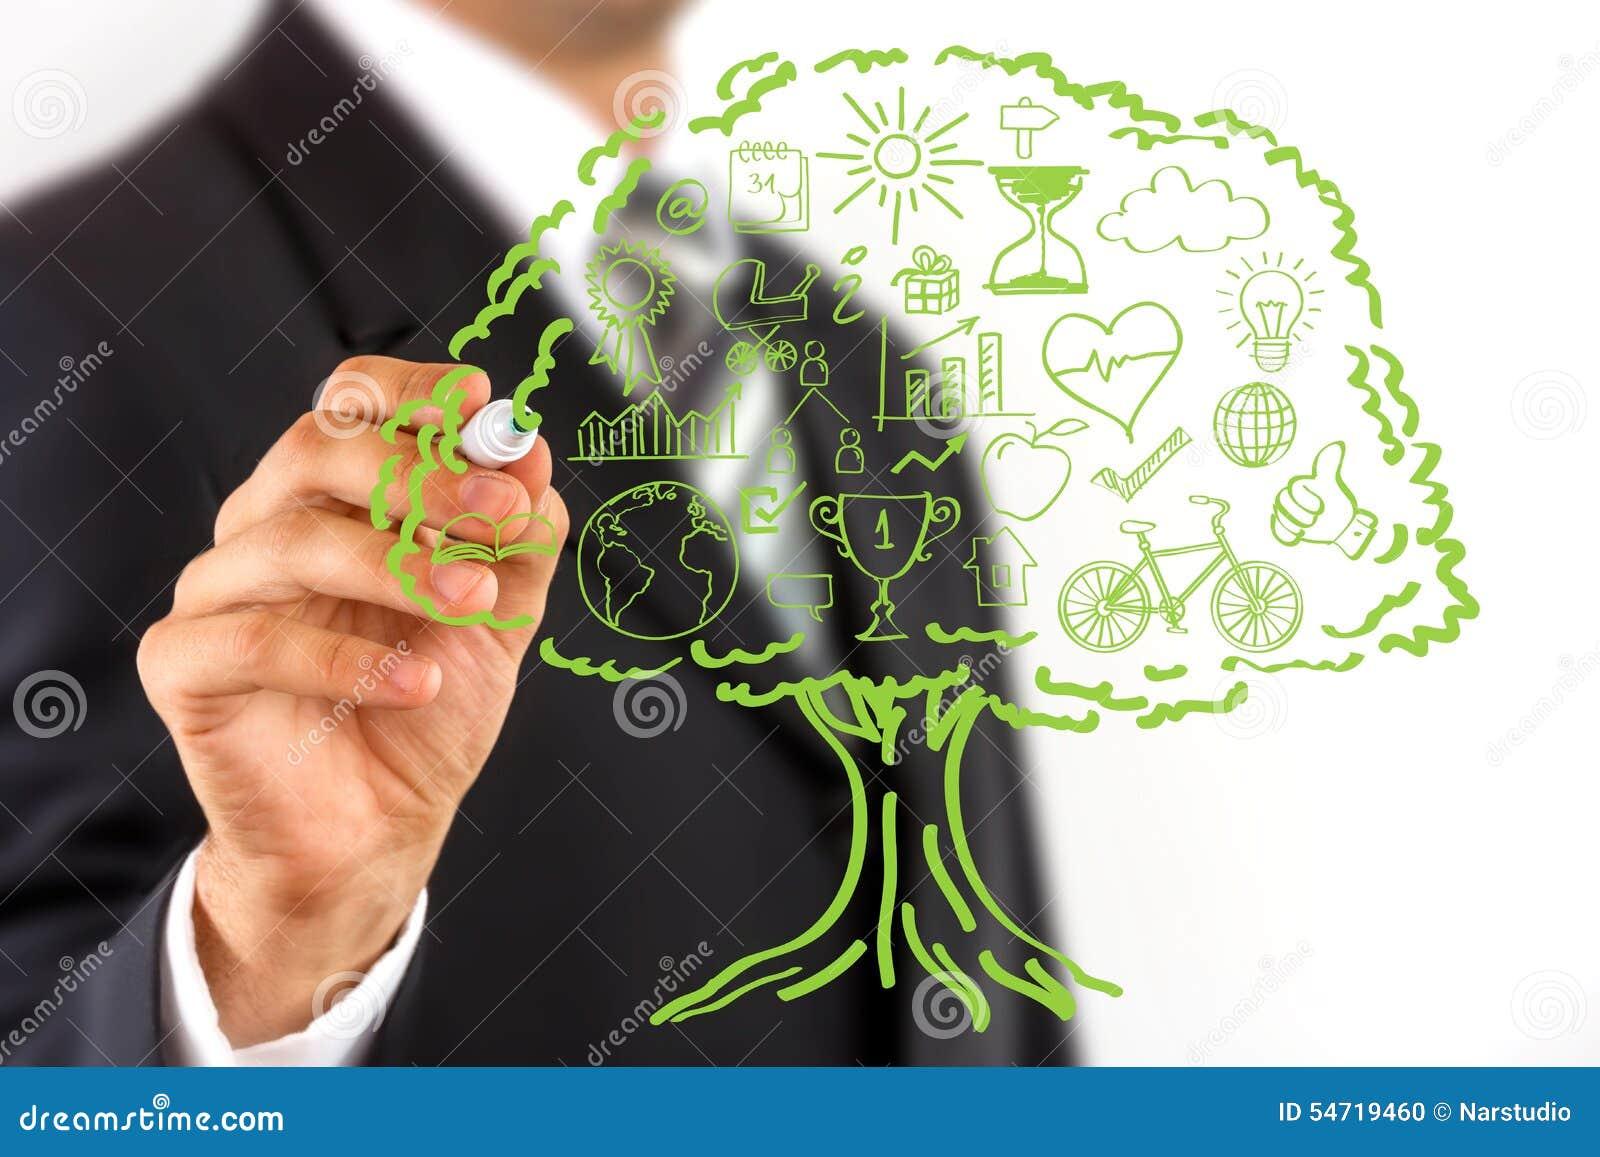 изображения экологичности принципиальной схемы еще многие мое портфолио